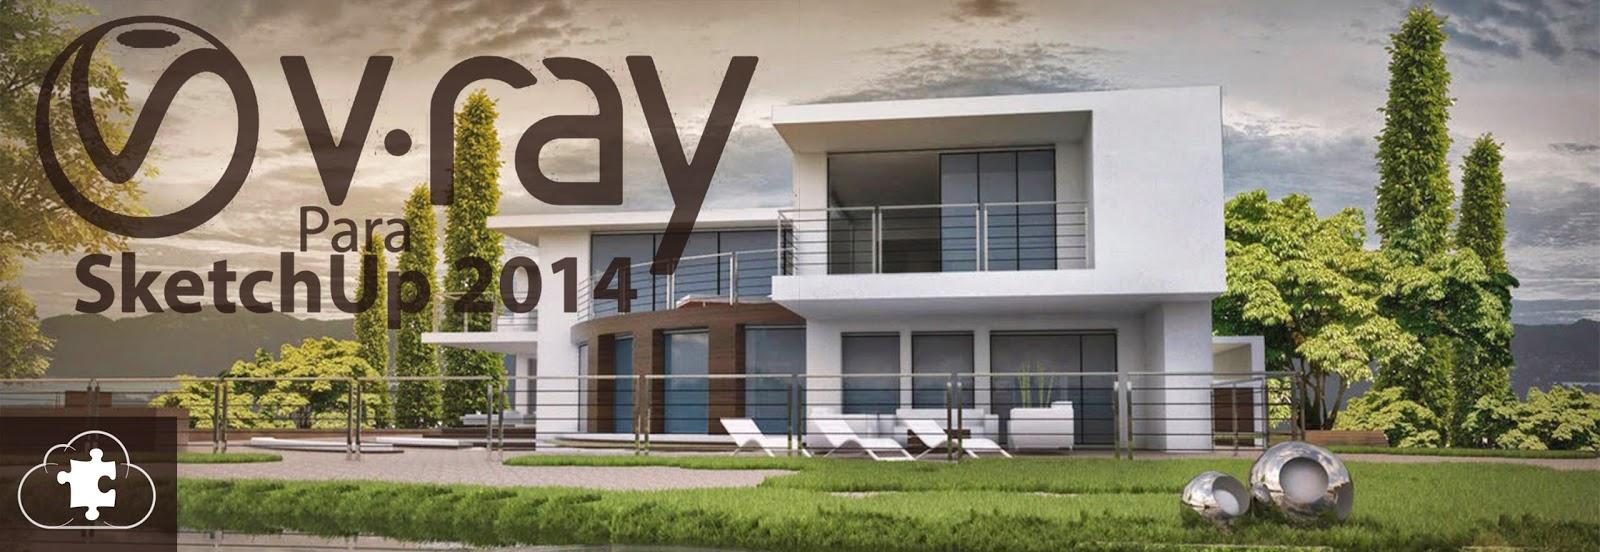 Vray 2.0 + CRACK | para sketchup 2014